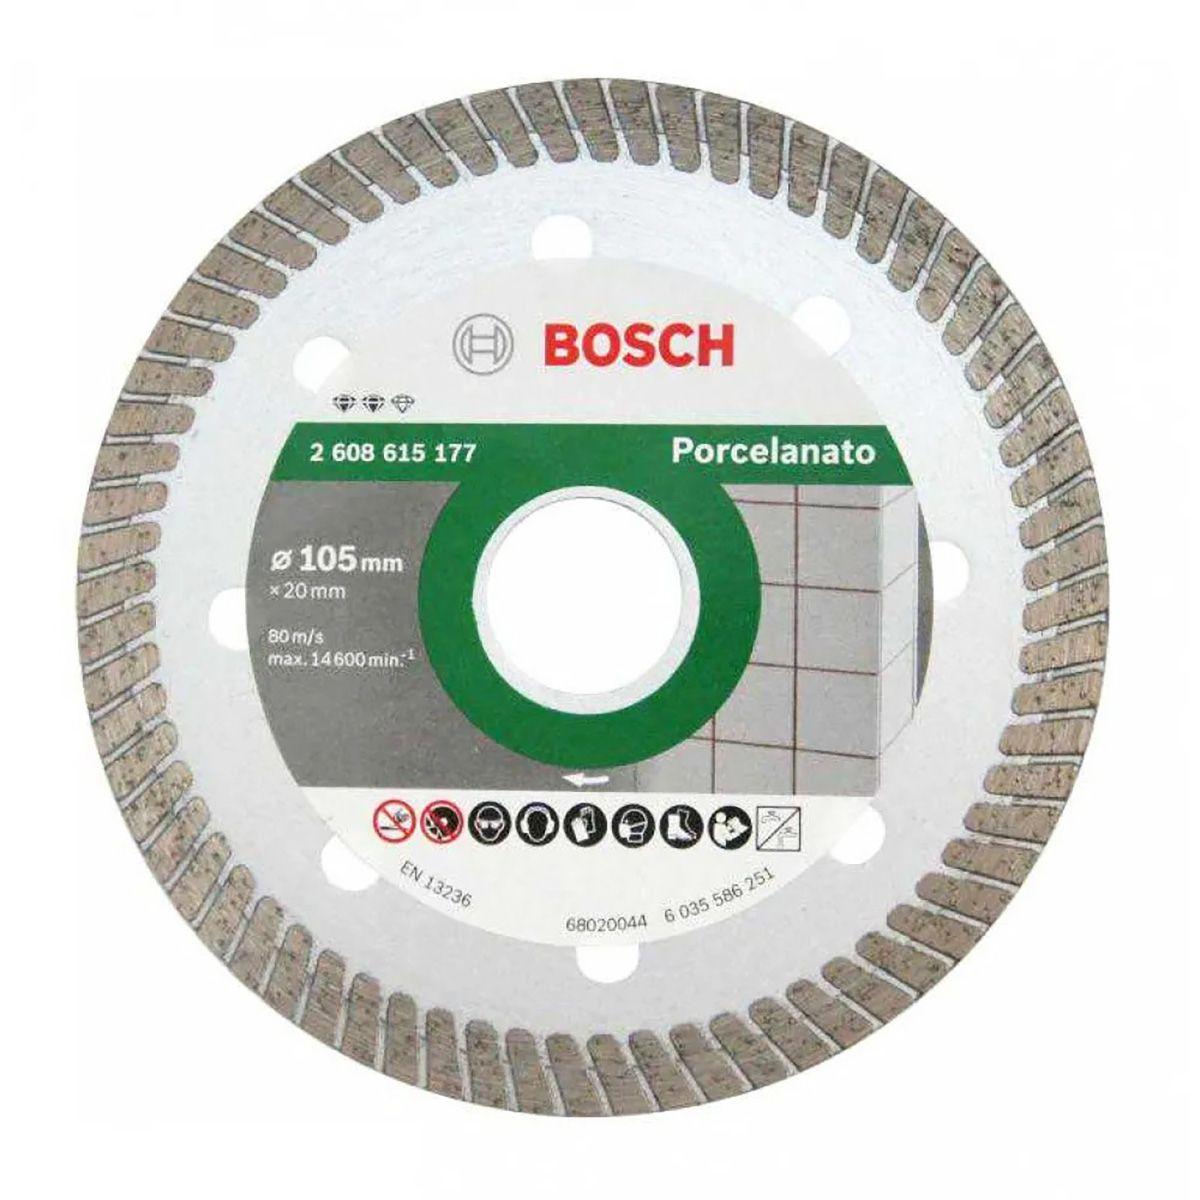 Discos Turbo Porcelanato Ultra Fino 105mm Bosch Kit com cinco discos